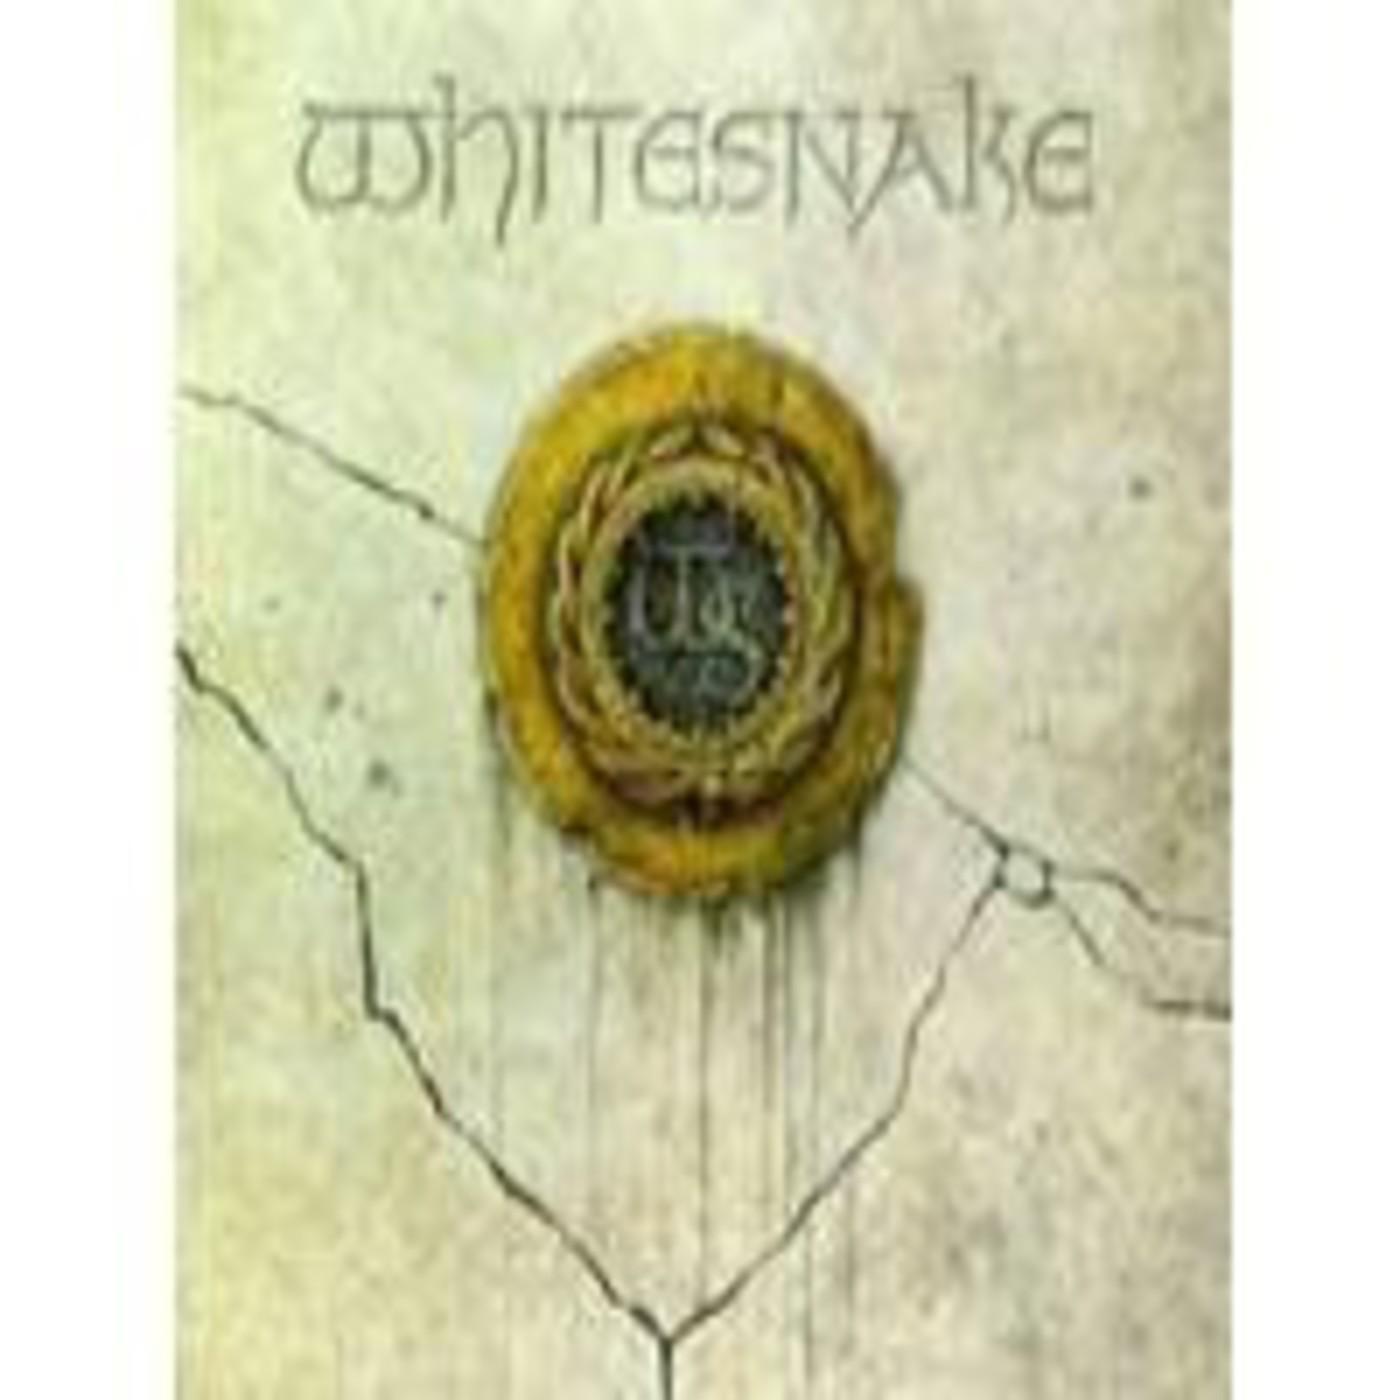 Whitesnake - Whitesnake /